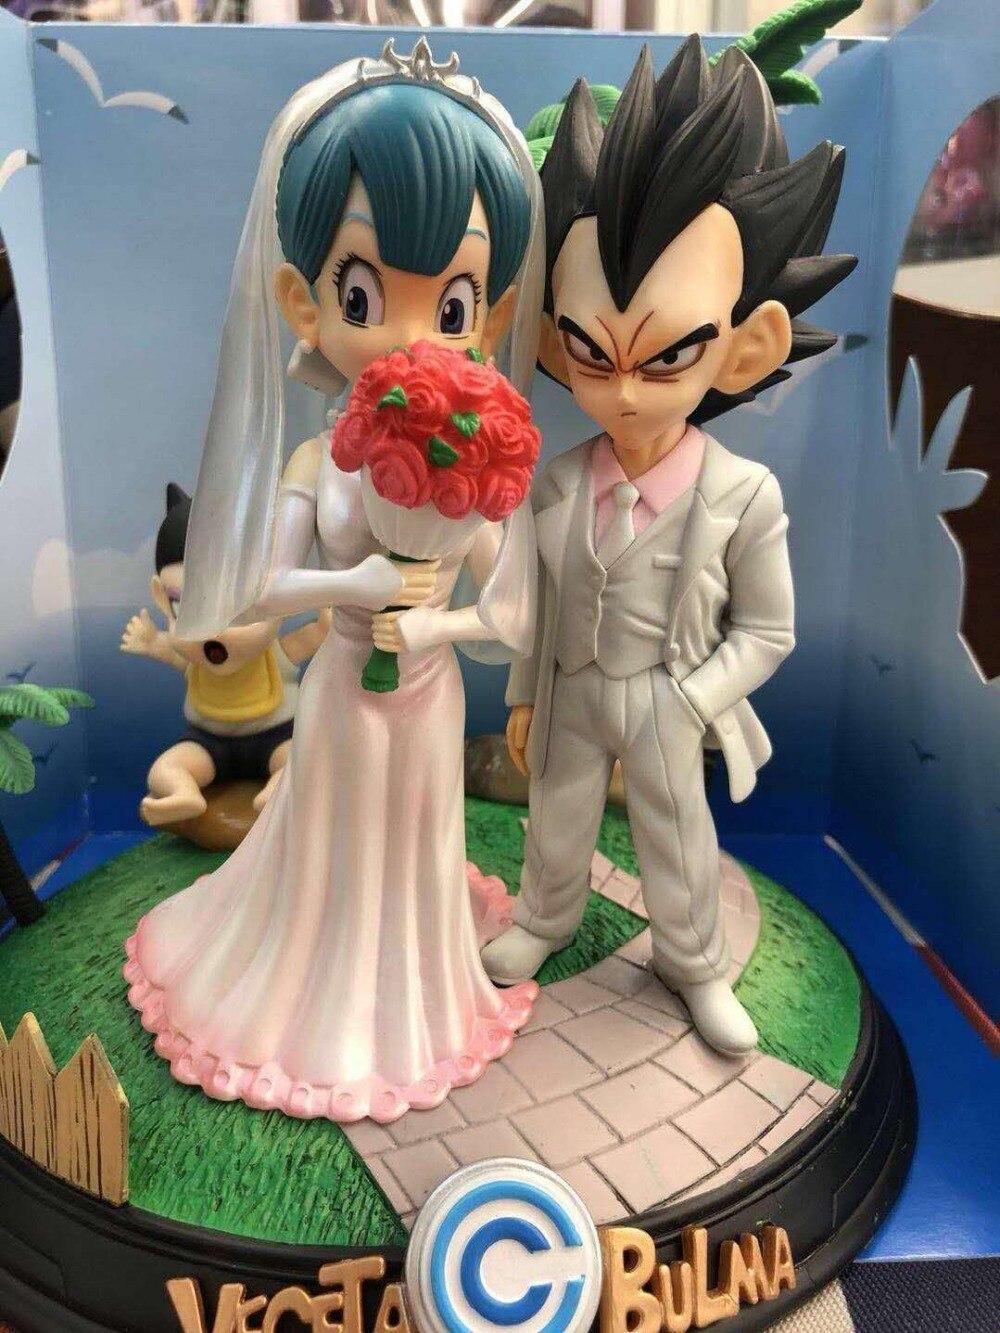 Горячий Жемчуг дракона Супер Saiyan принц Вегета Bulma женится на свадьбе день бурума детские трусы сцена фигурка игрушки лучший подарок - 2